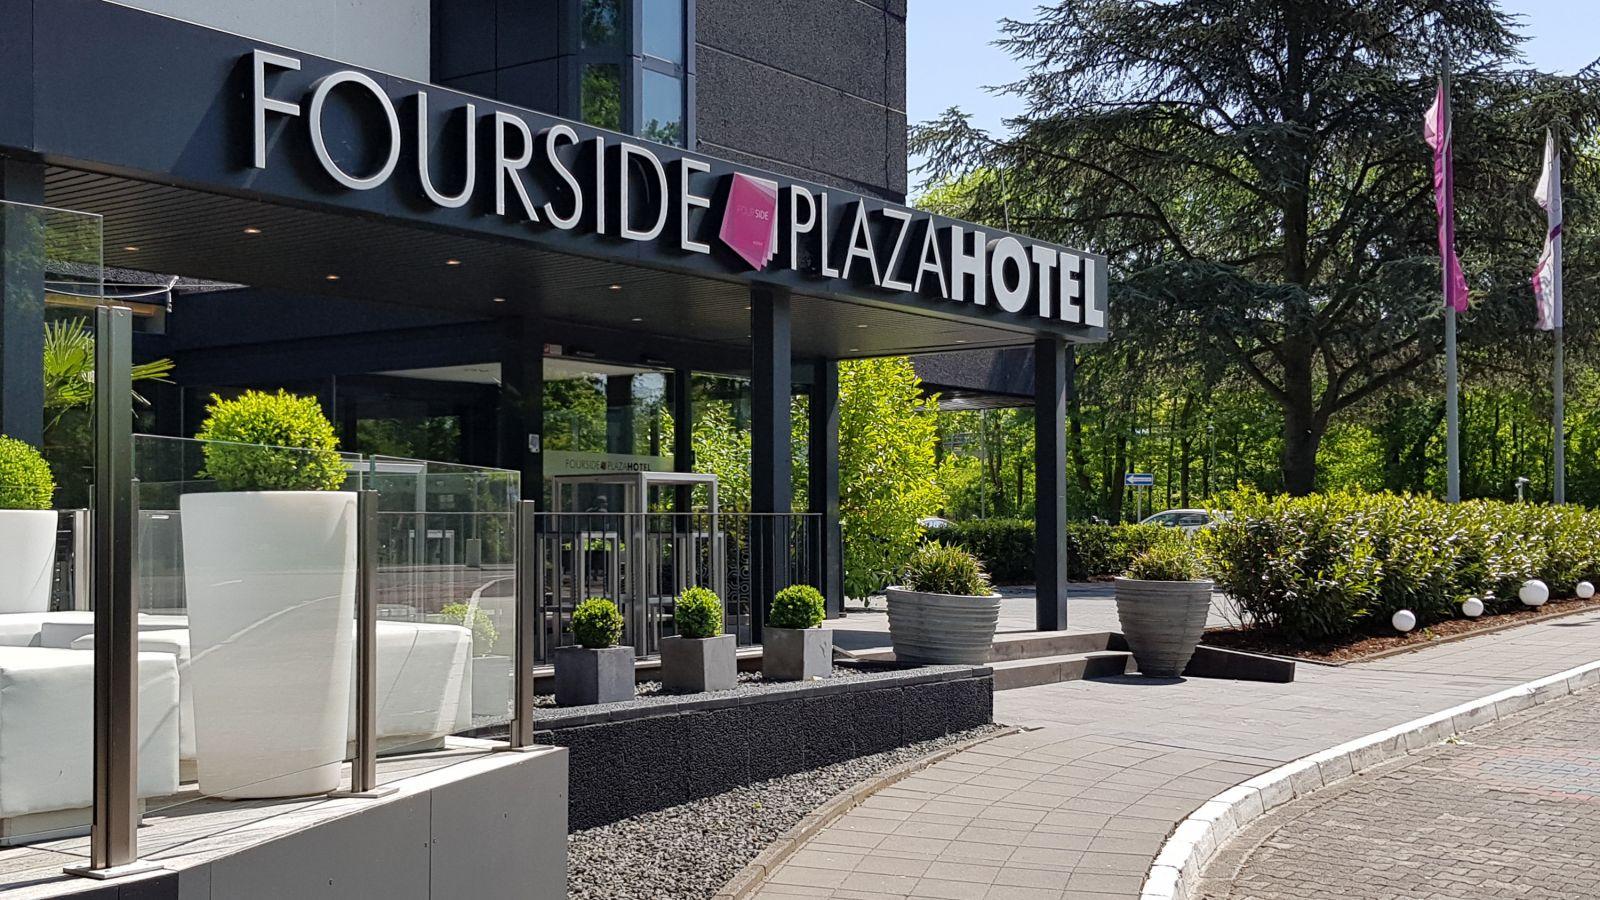 fourside plaza hotel trier. Black Bedroom Furniture Sets. Home Design Ideas